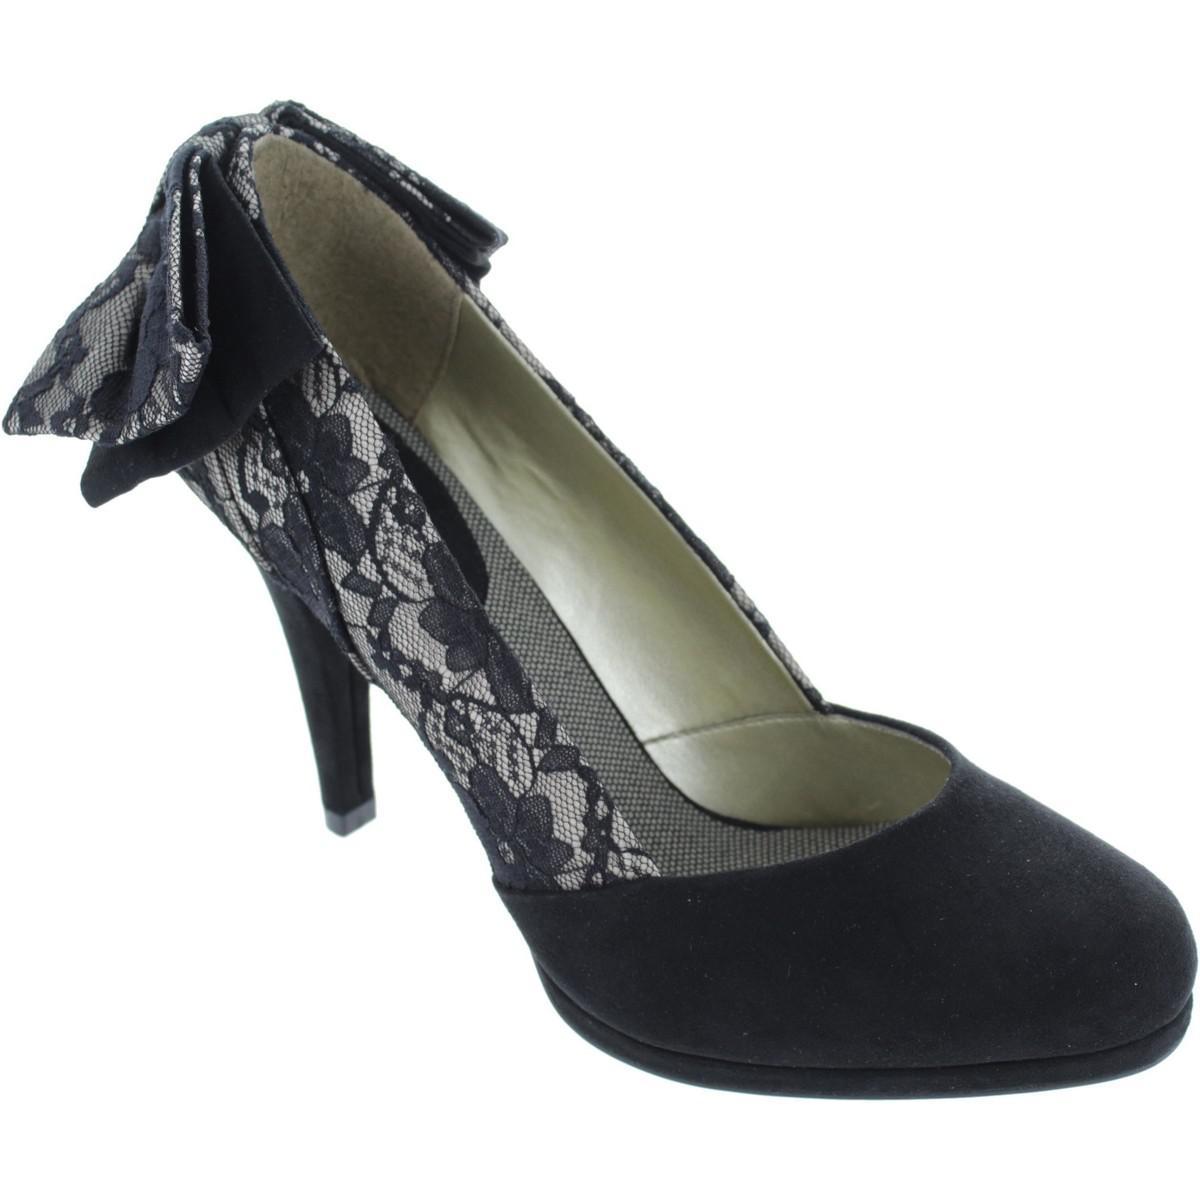 fe8bf763 Ruby Shoo Katie Women's Court Shoes In Black in Black - Lyst